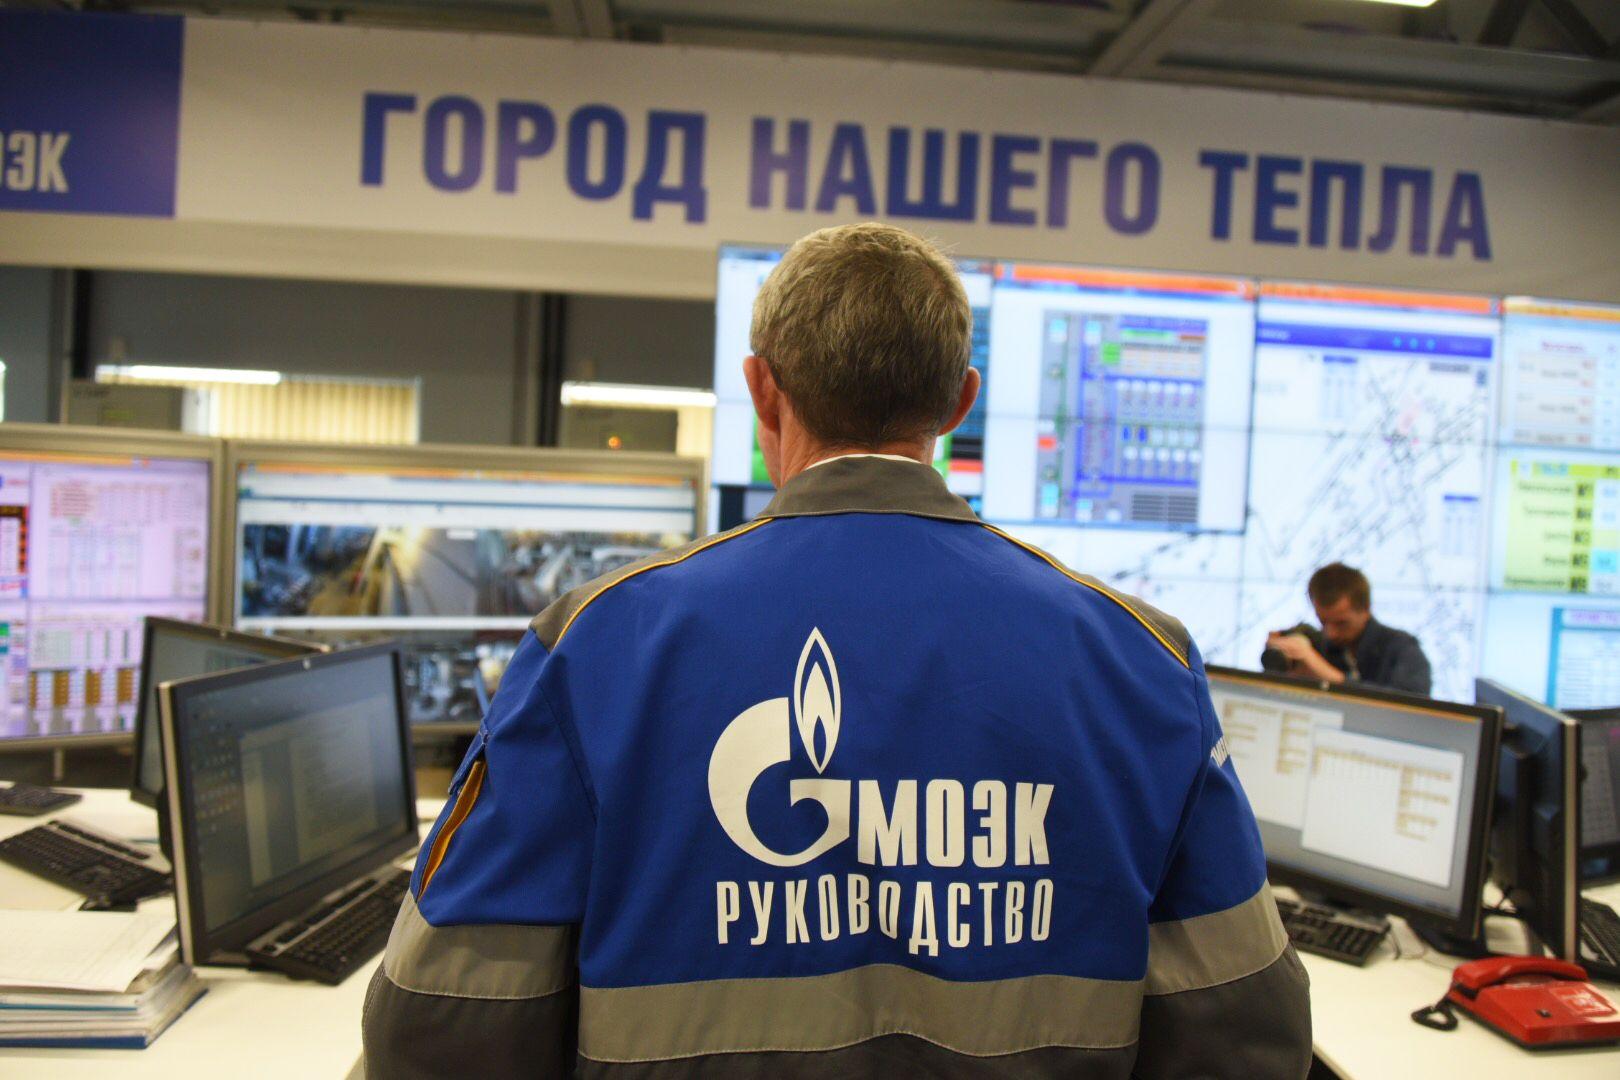 Власти Москвы призвали сообщать об отсутствии отопления в квартирах